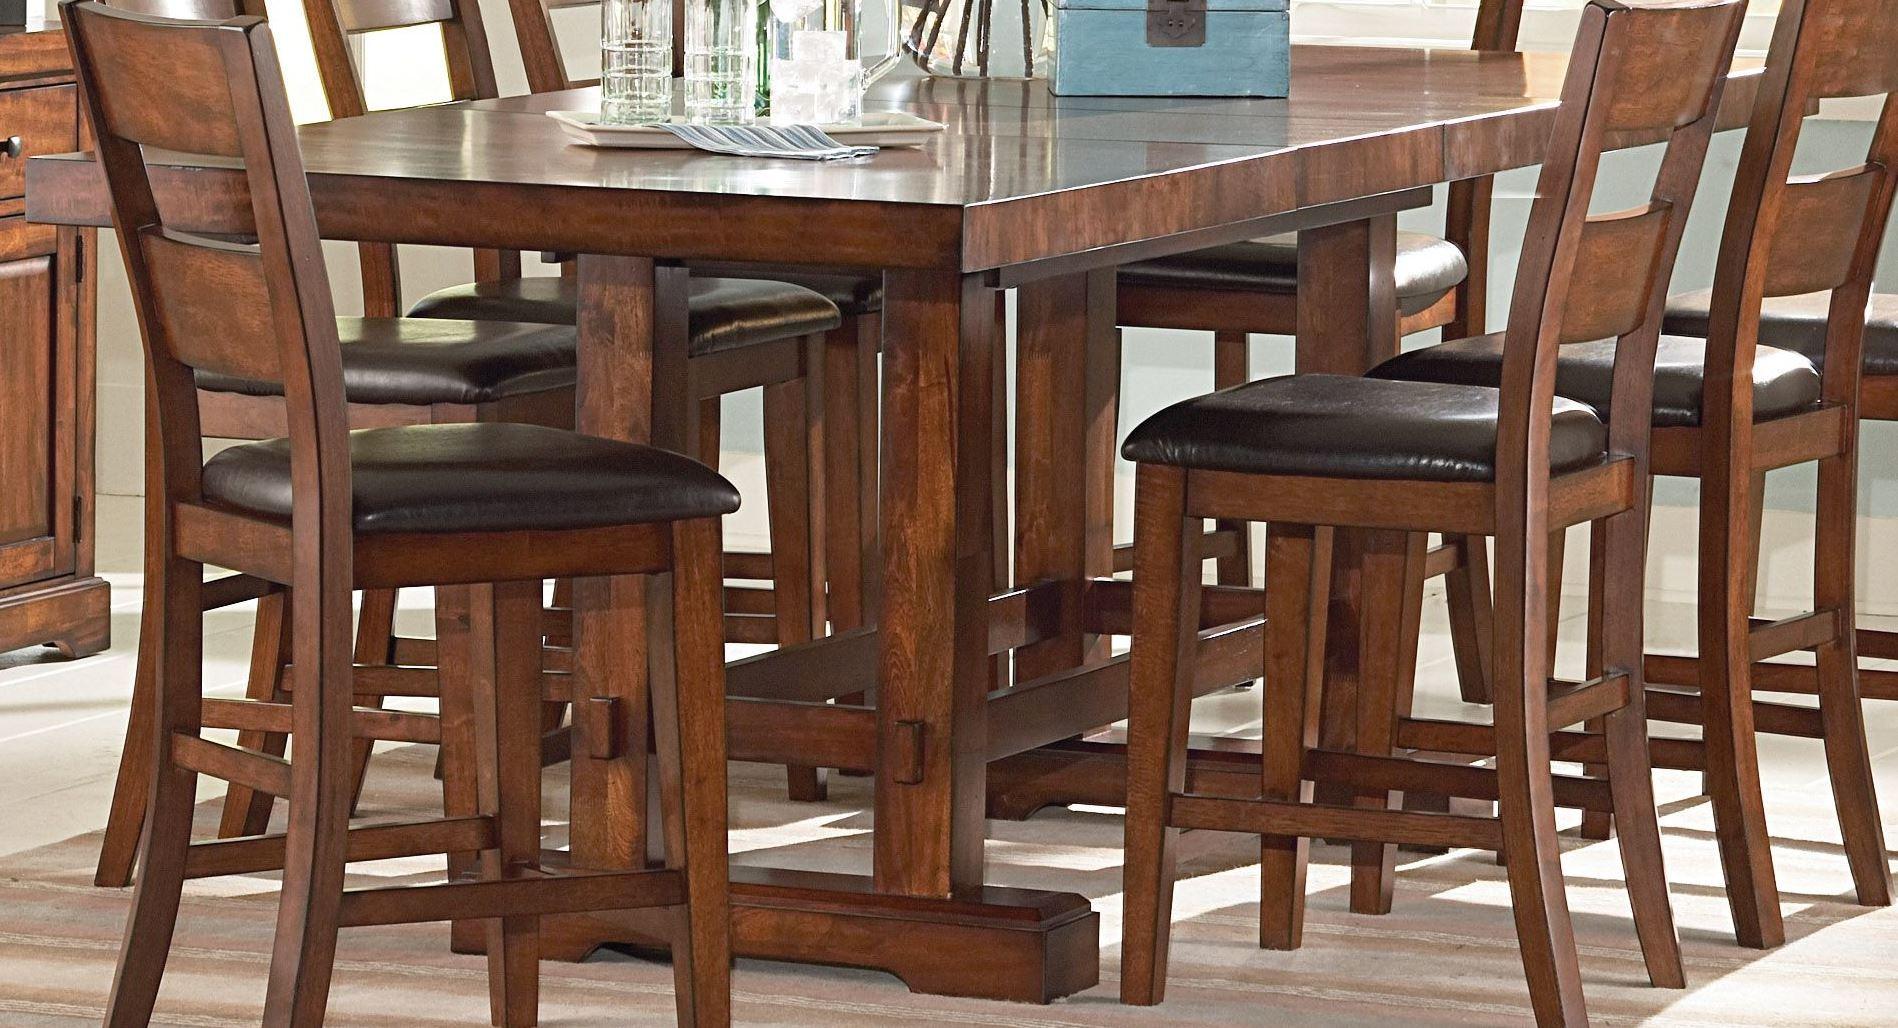 Zappa Medium Cherry Extendable Rectangular Counter Height  : zp550ptzp550cczp550sbdt from colemanfurniture.com size 1898 x 1028 jpeg 443kB